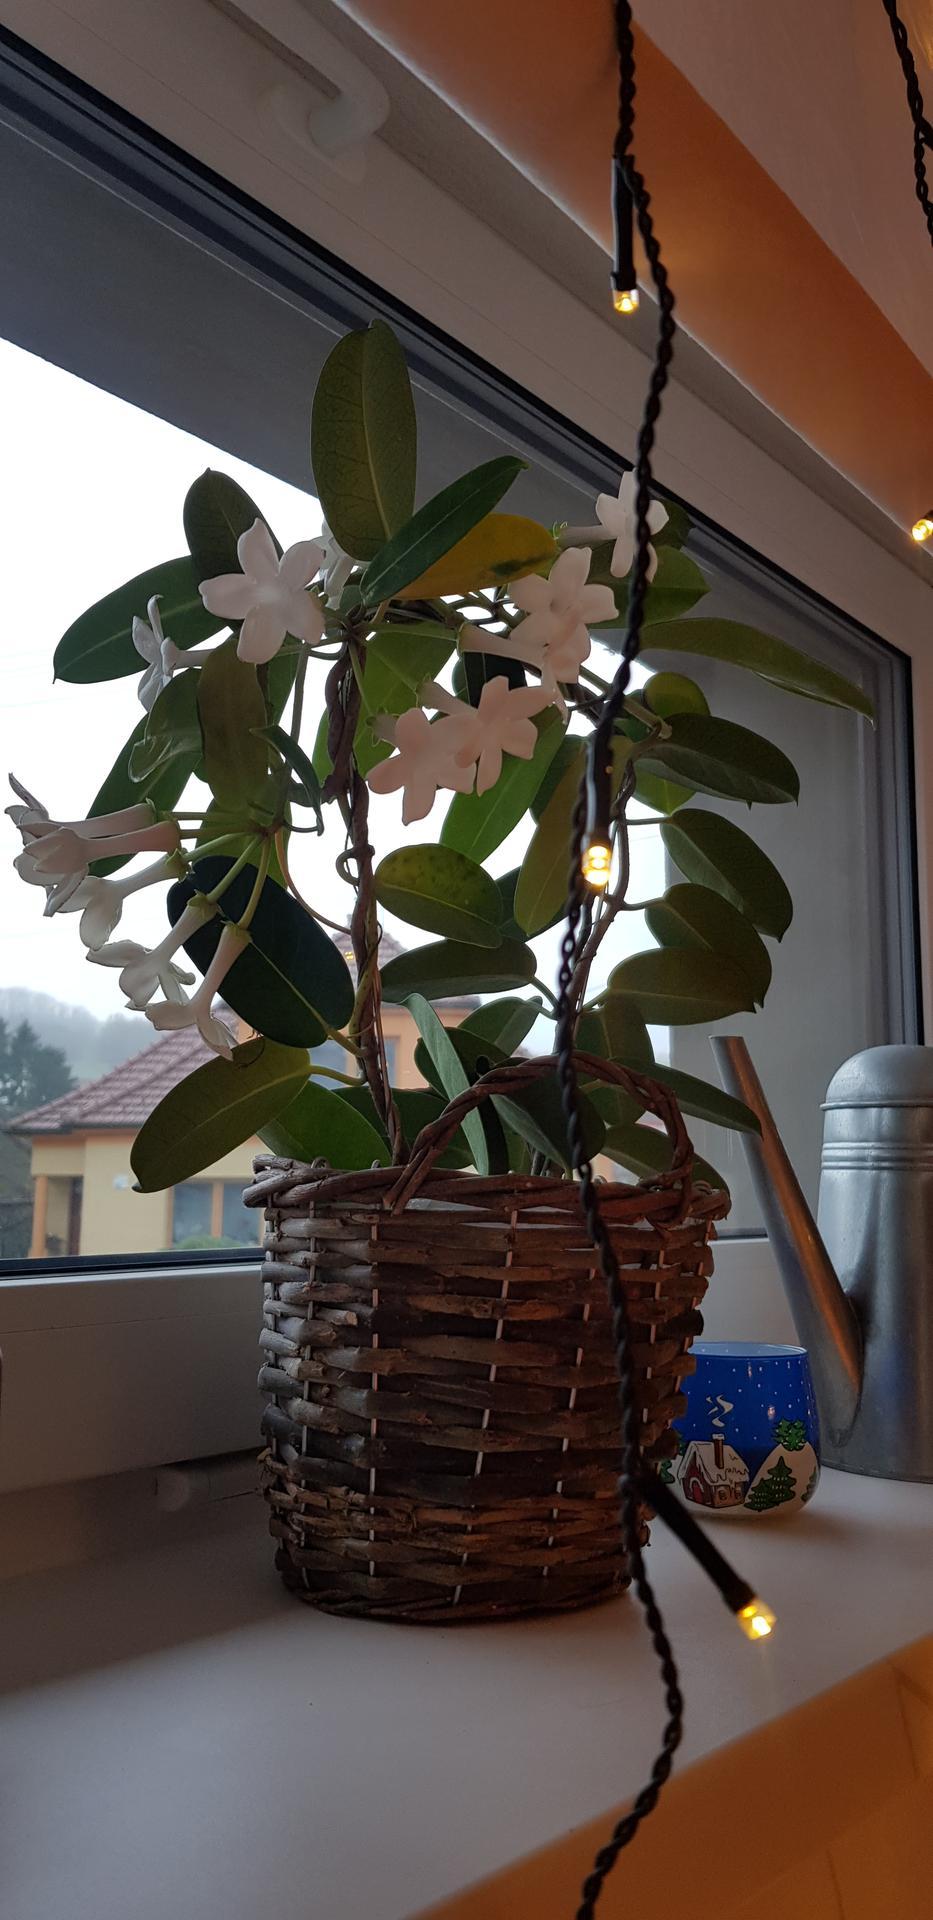 Holky nevíte co je to za květenu? Mám ji asi rok a už tak 5x kvetla, žádná extra péče. - Obrázek č. 1